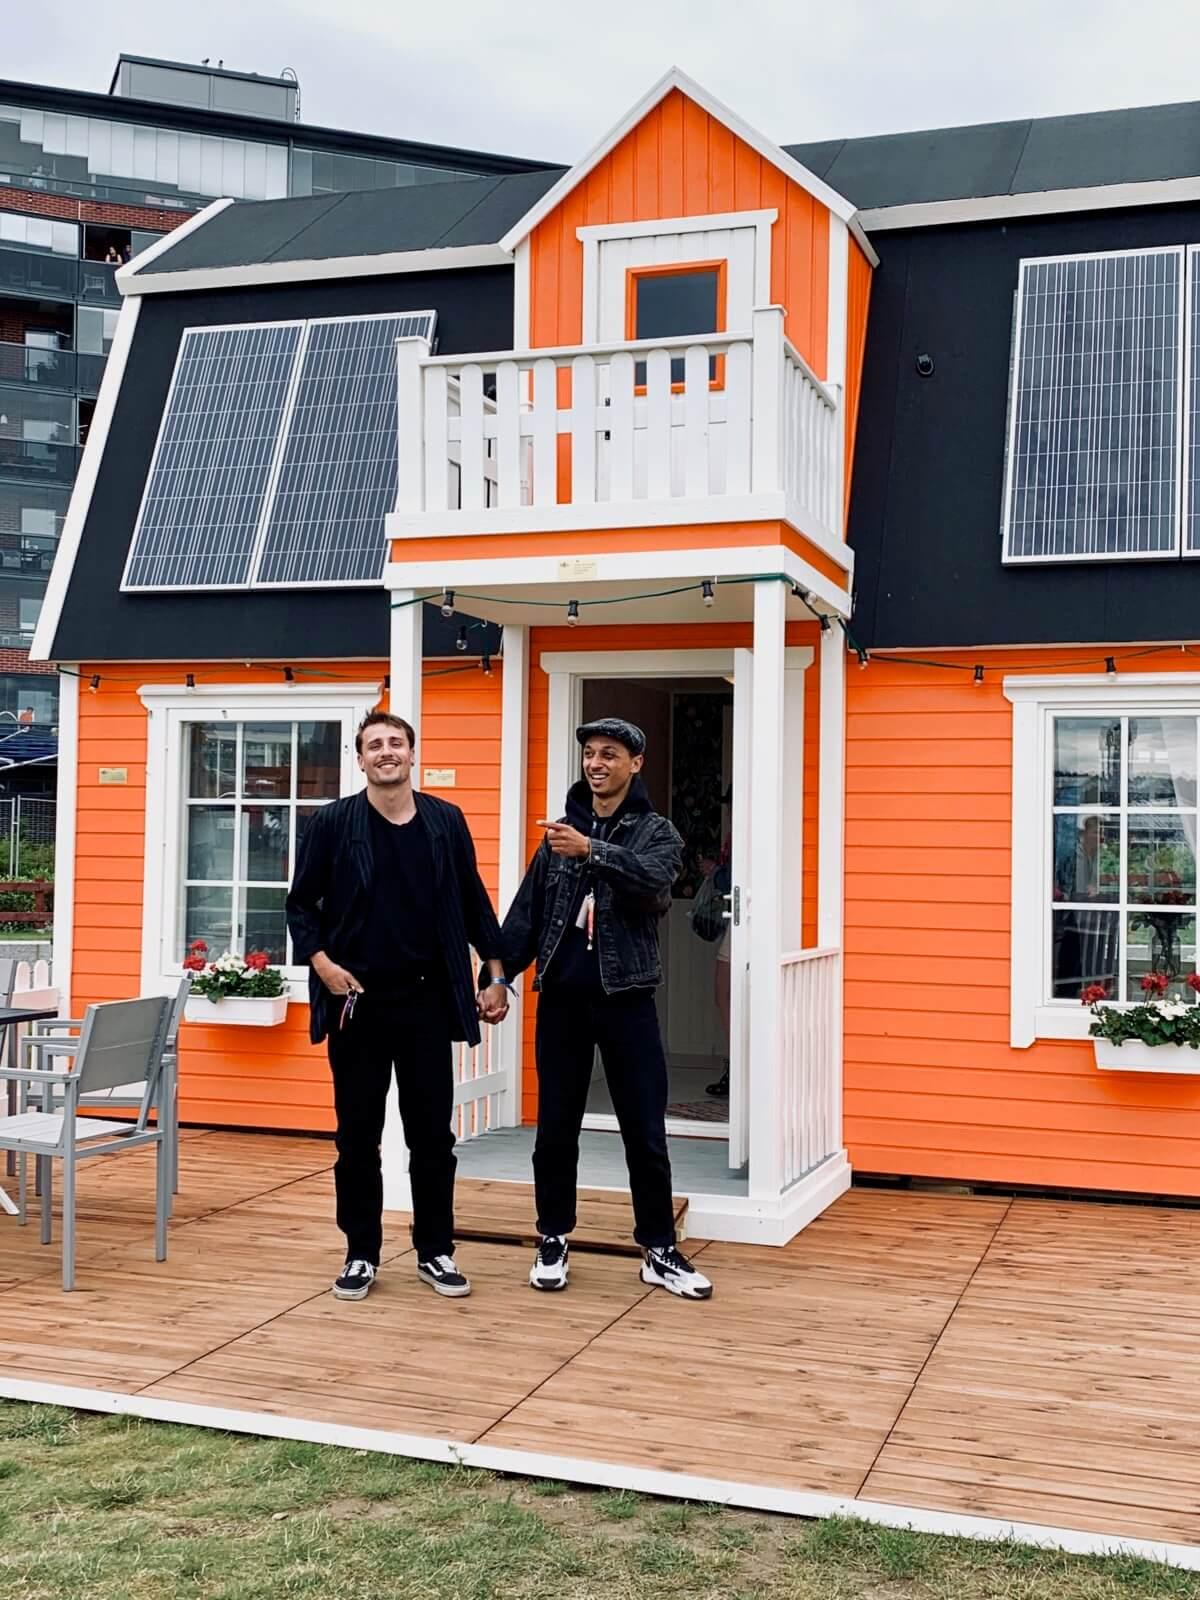 Yaelin kanssa poseeraamassa talon edessä Suomipopeilla, happy couple goals meininki